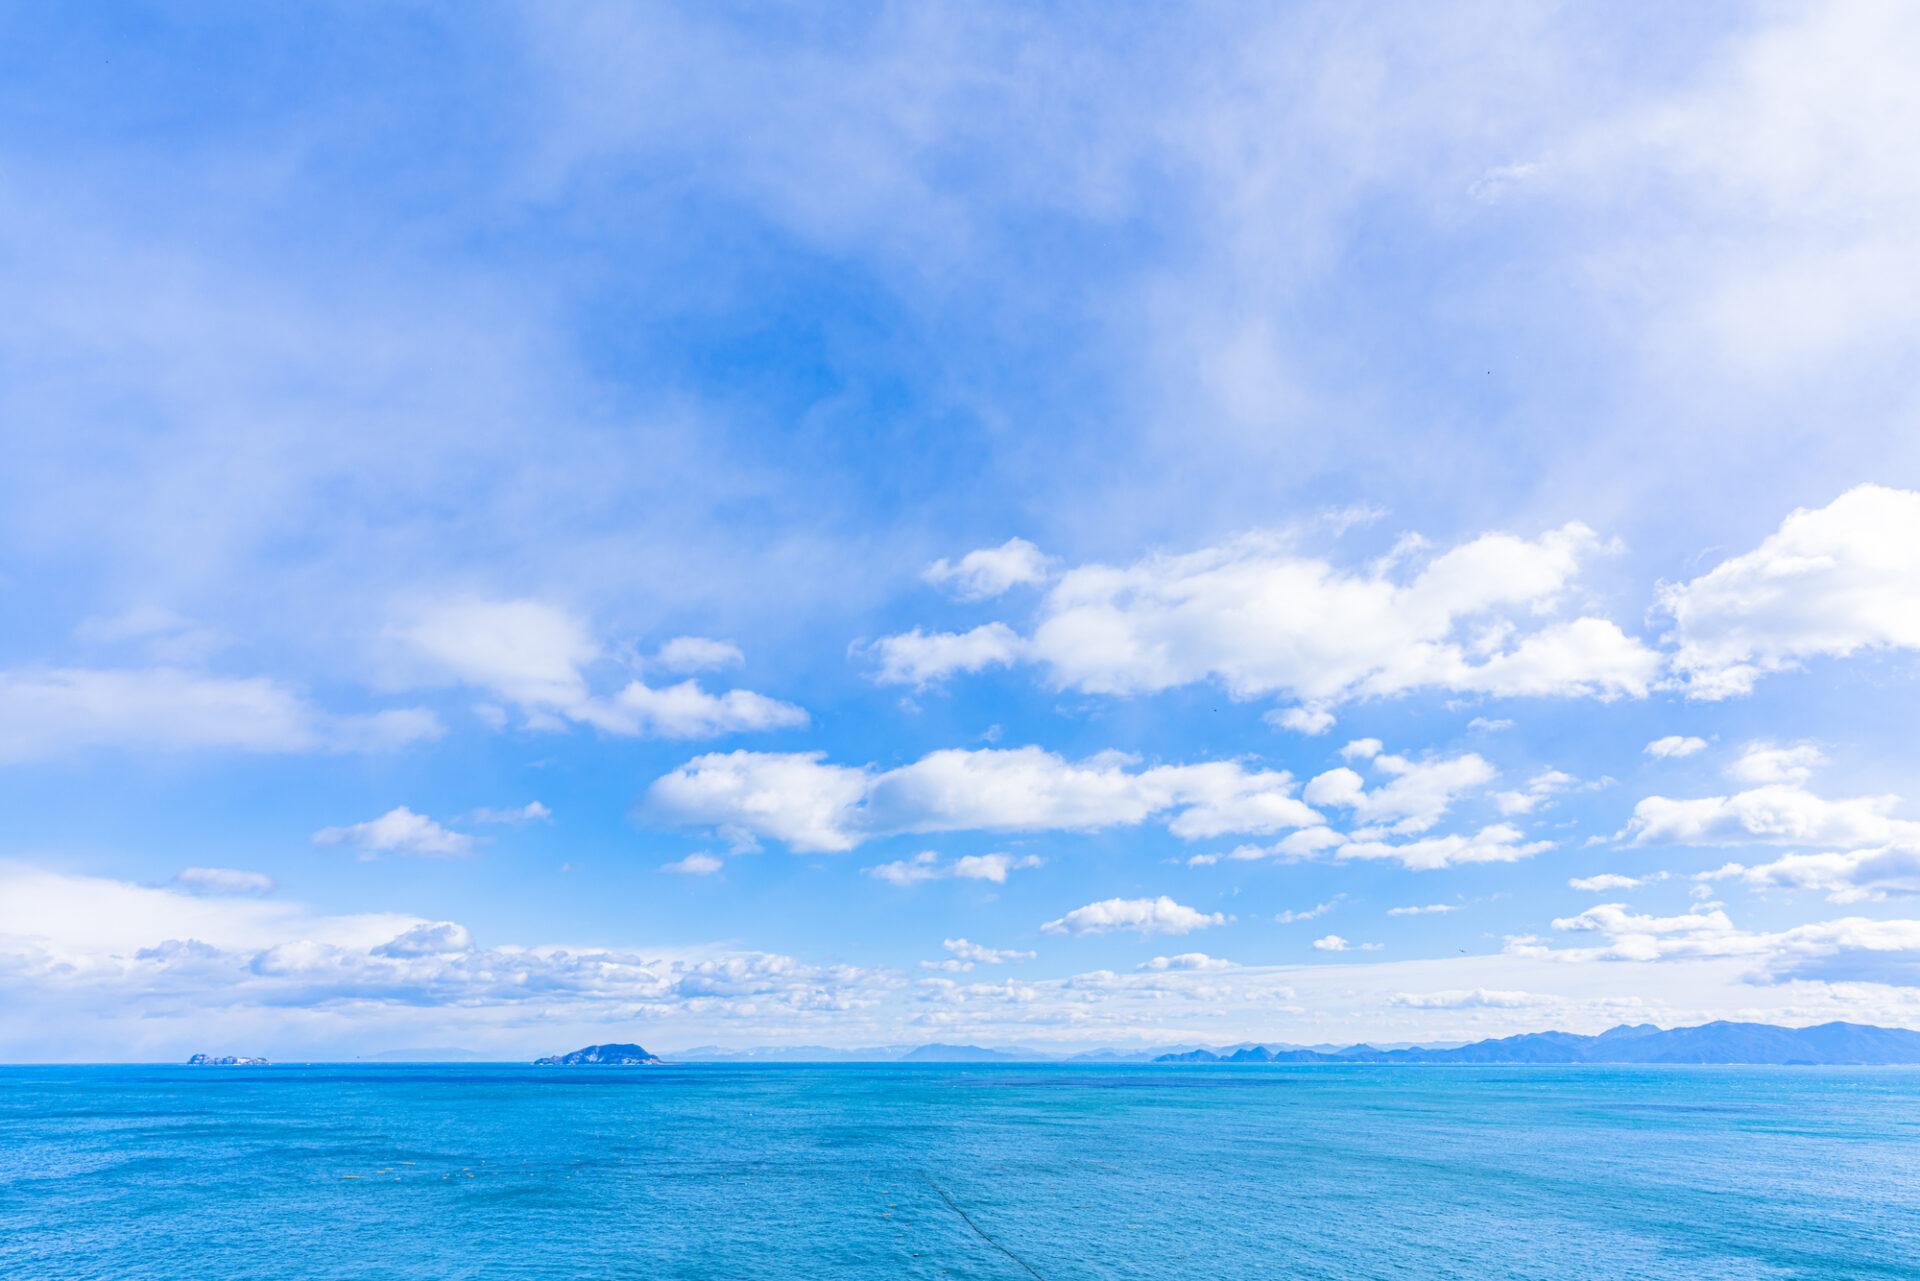 青空に雲がかかり、広大な海が見る